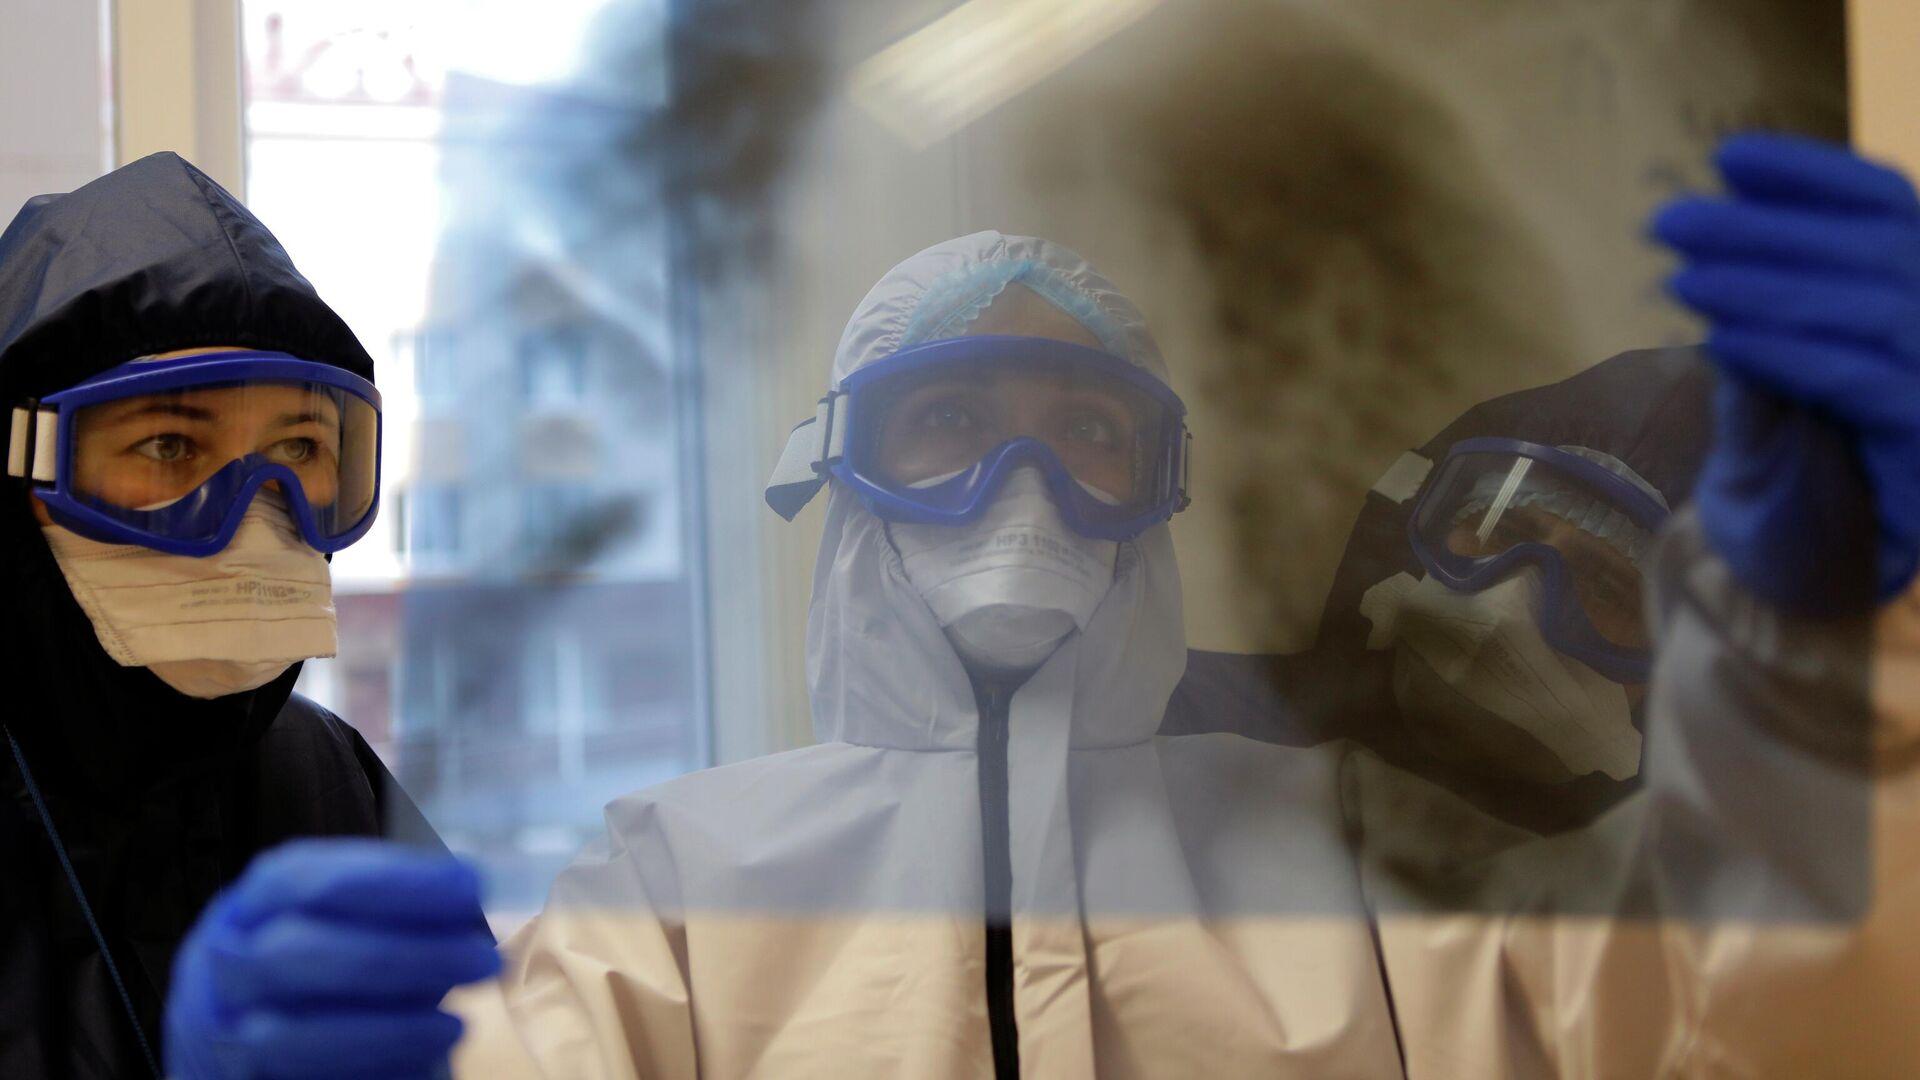 Медицинские работники в ковид-госпитале, организованном в центральной районной больнице в городе Шебекино в Белгородской области - РИА Новости, 1920, 05.11.2020